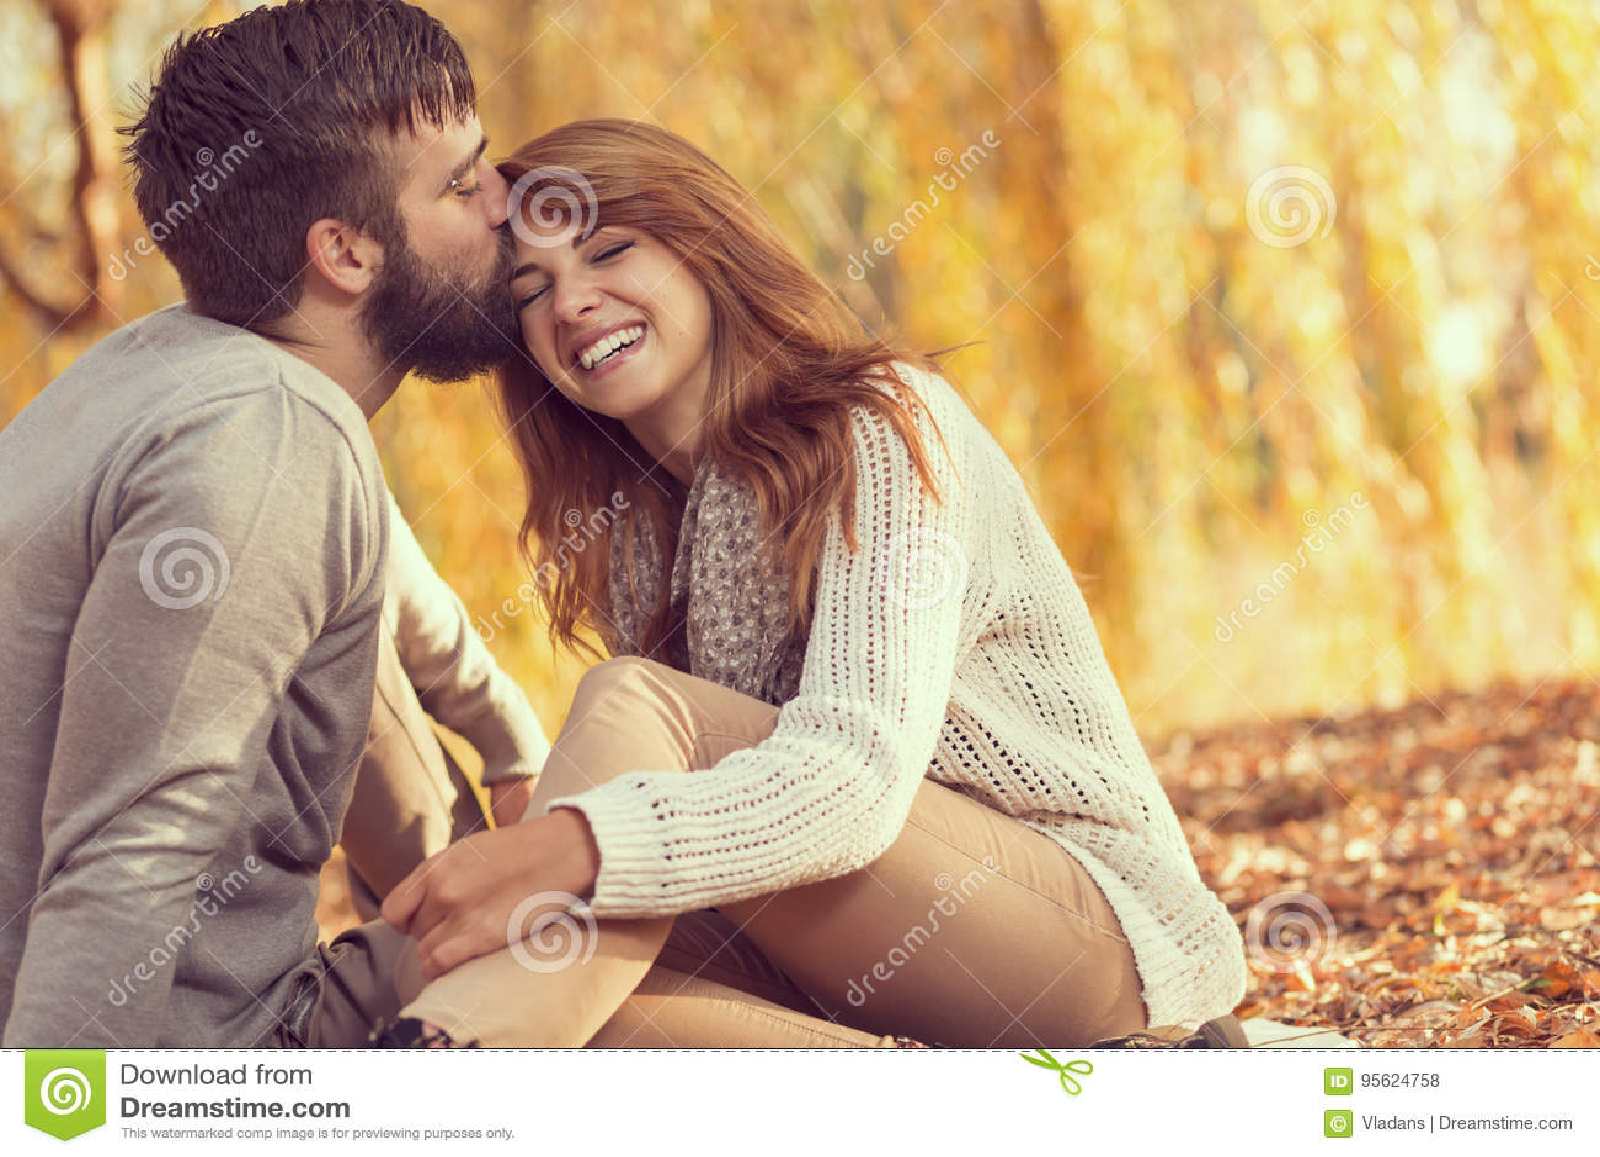 Ein Mann ohne Beziehungserfahrung datiert